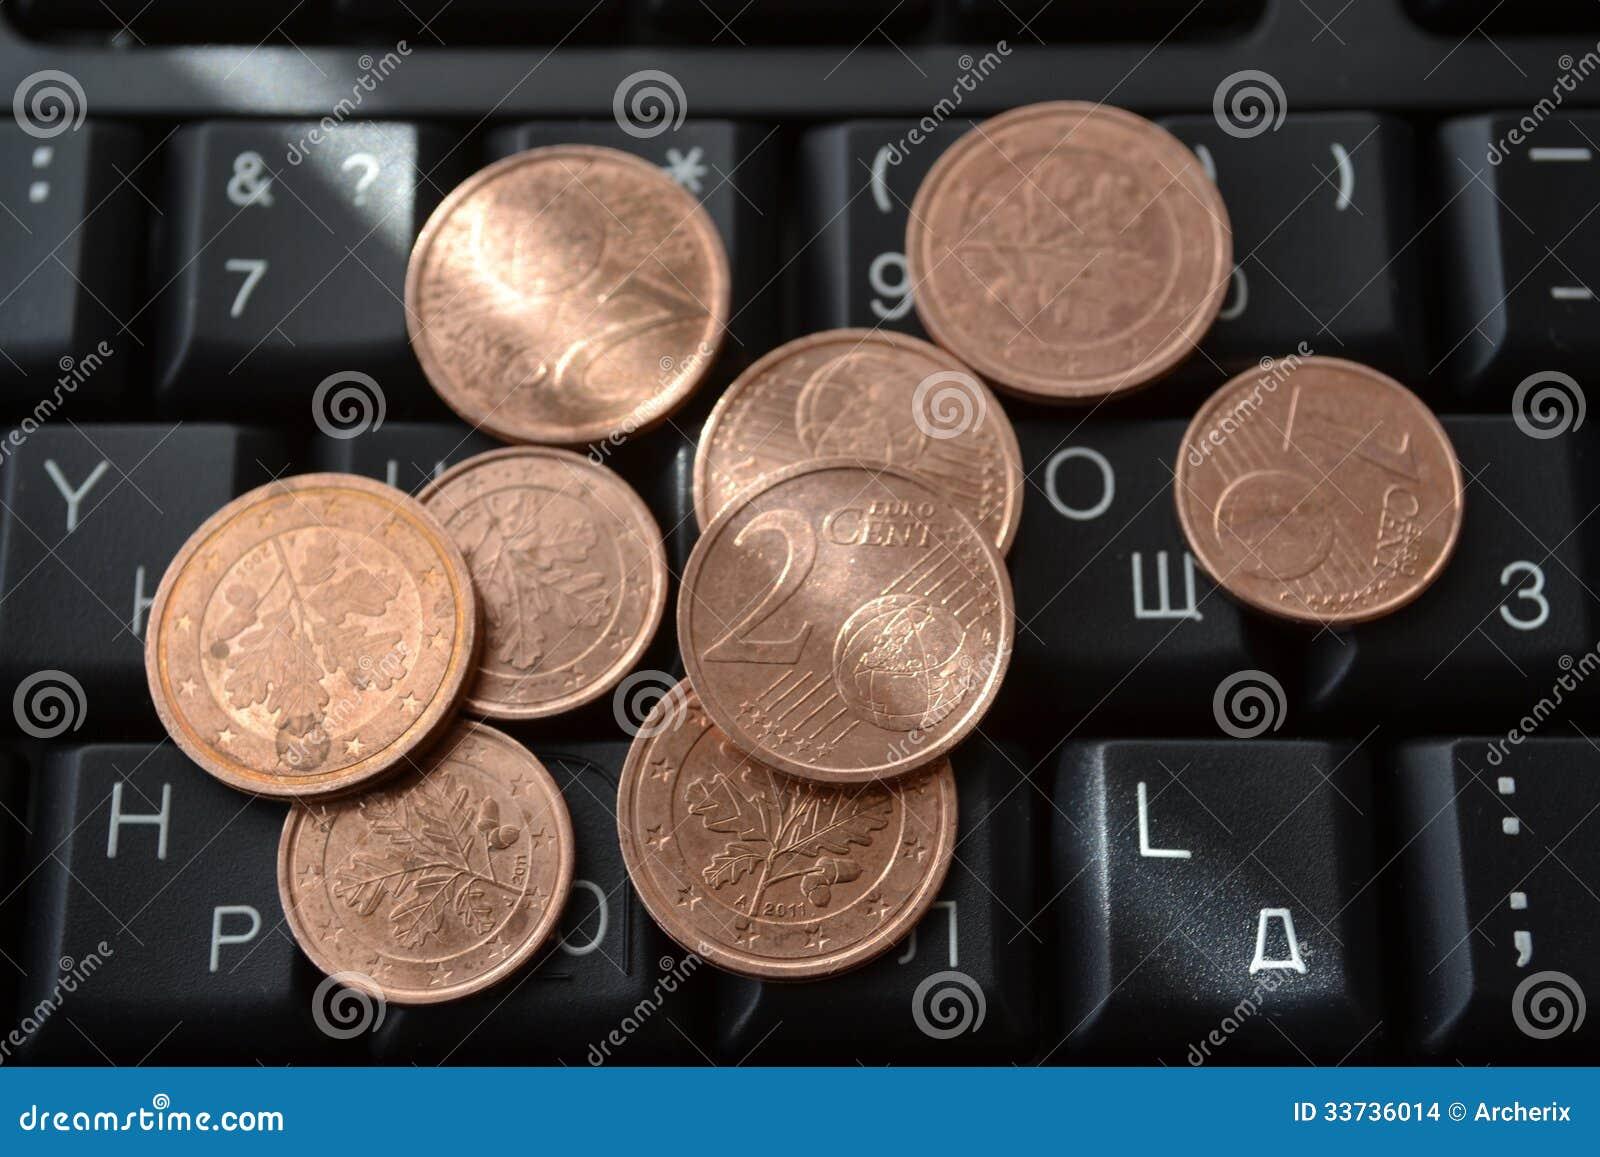 Monety na klawiaturze